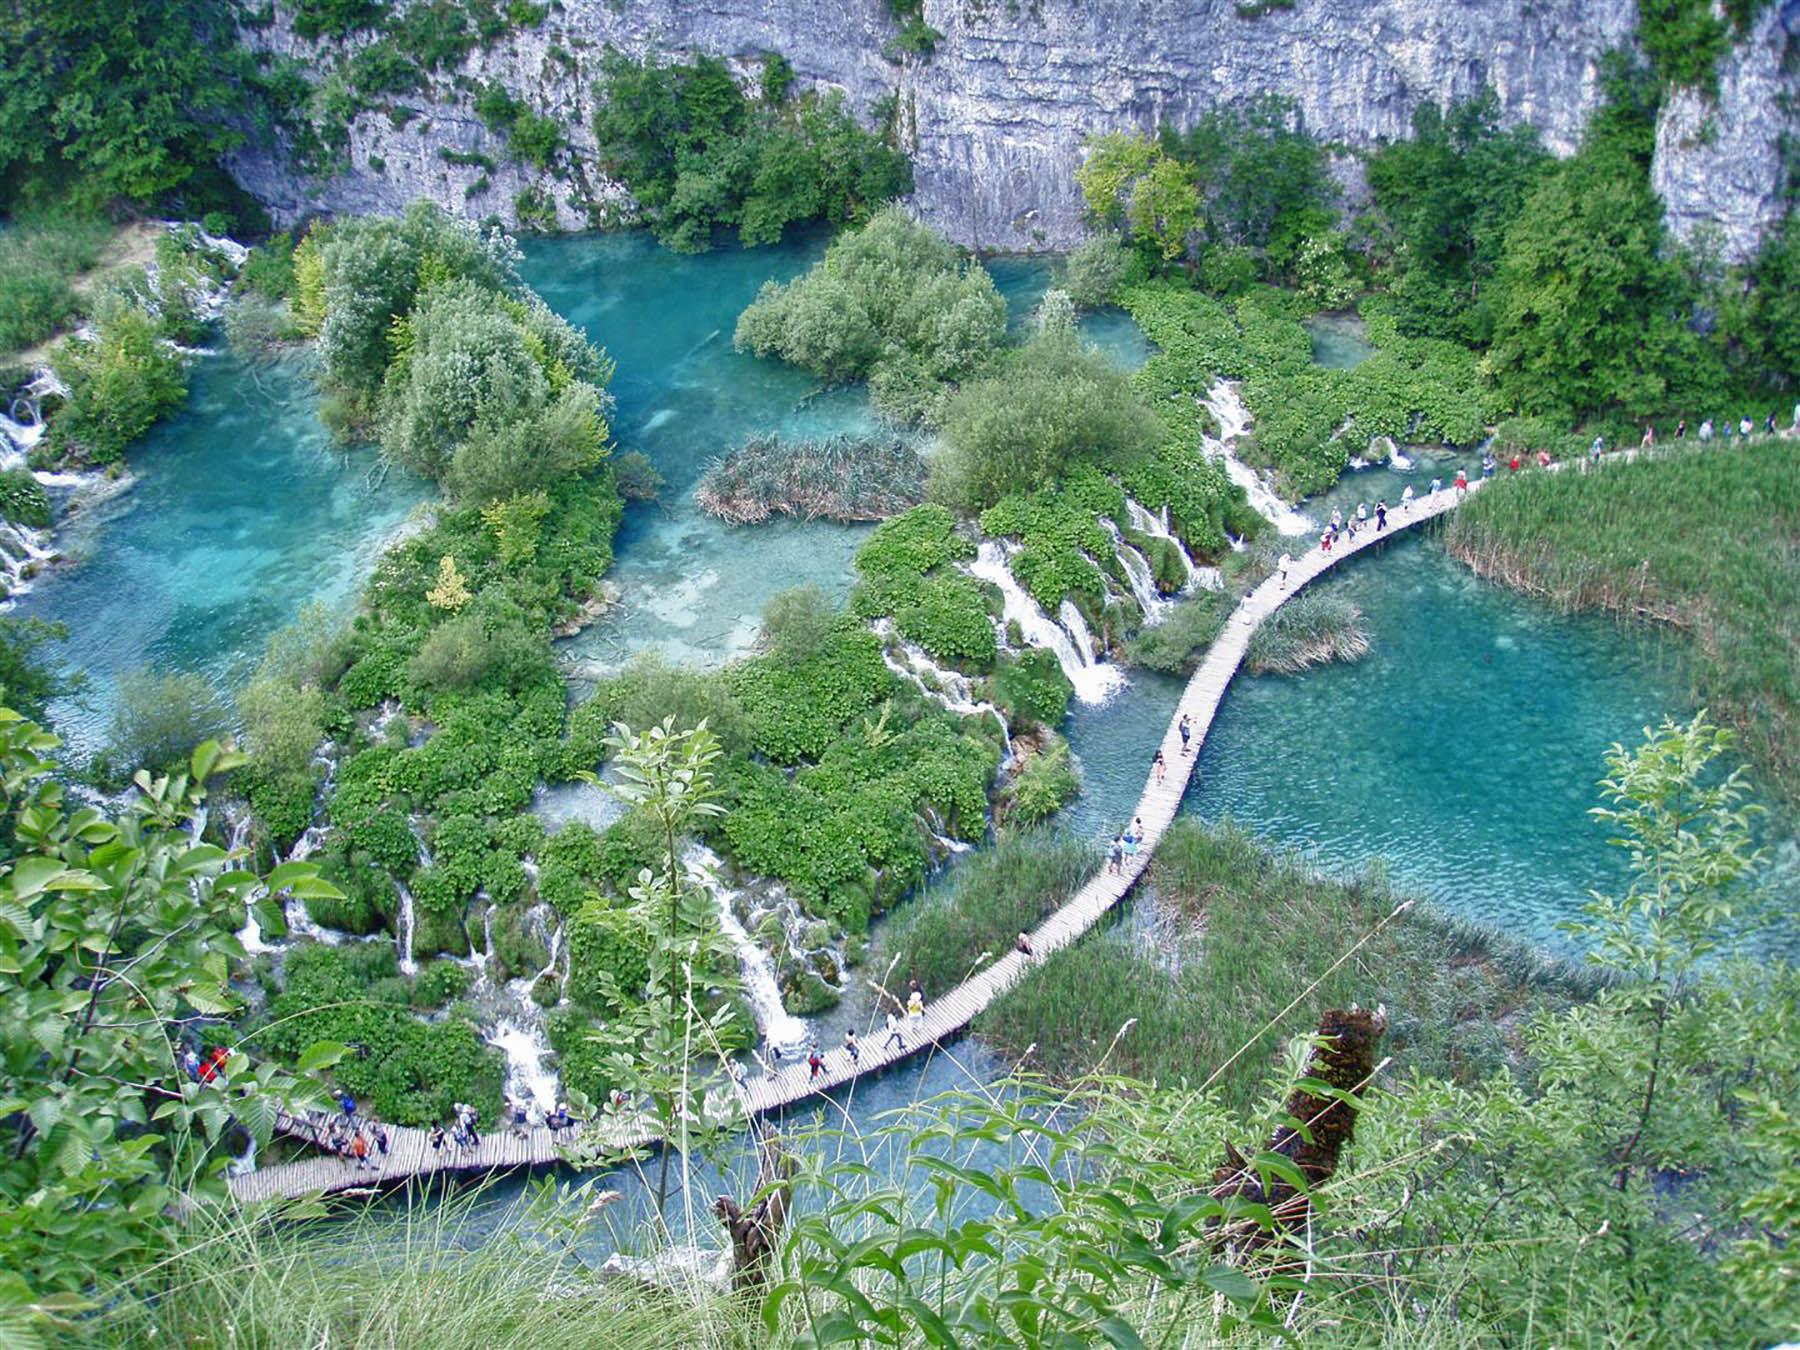 Nationalpark Plitvicer Seen Karte.Wandern Im Nationalpark Plitvicer Seen Die Besten